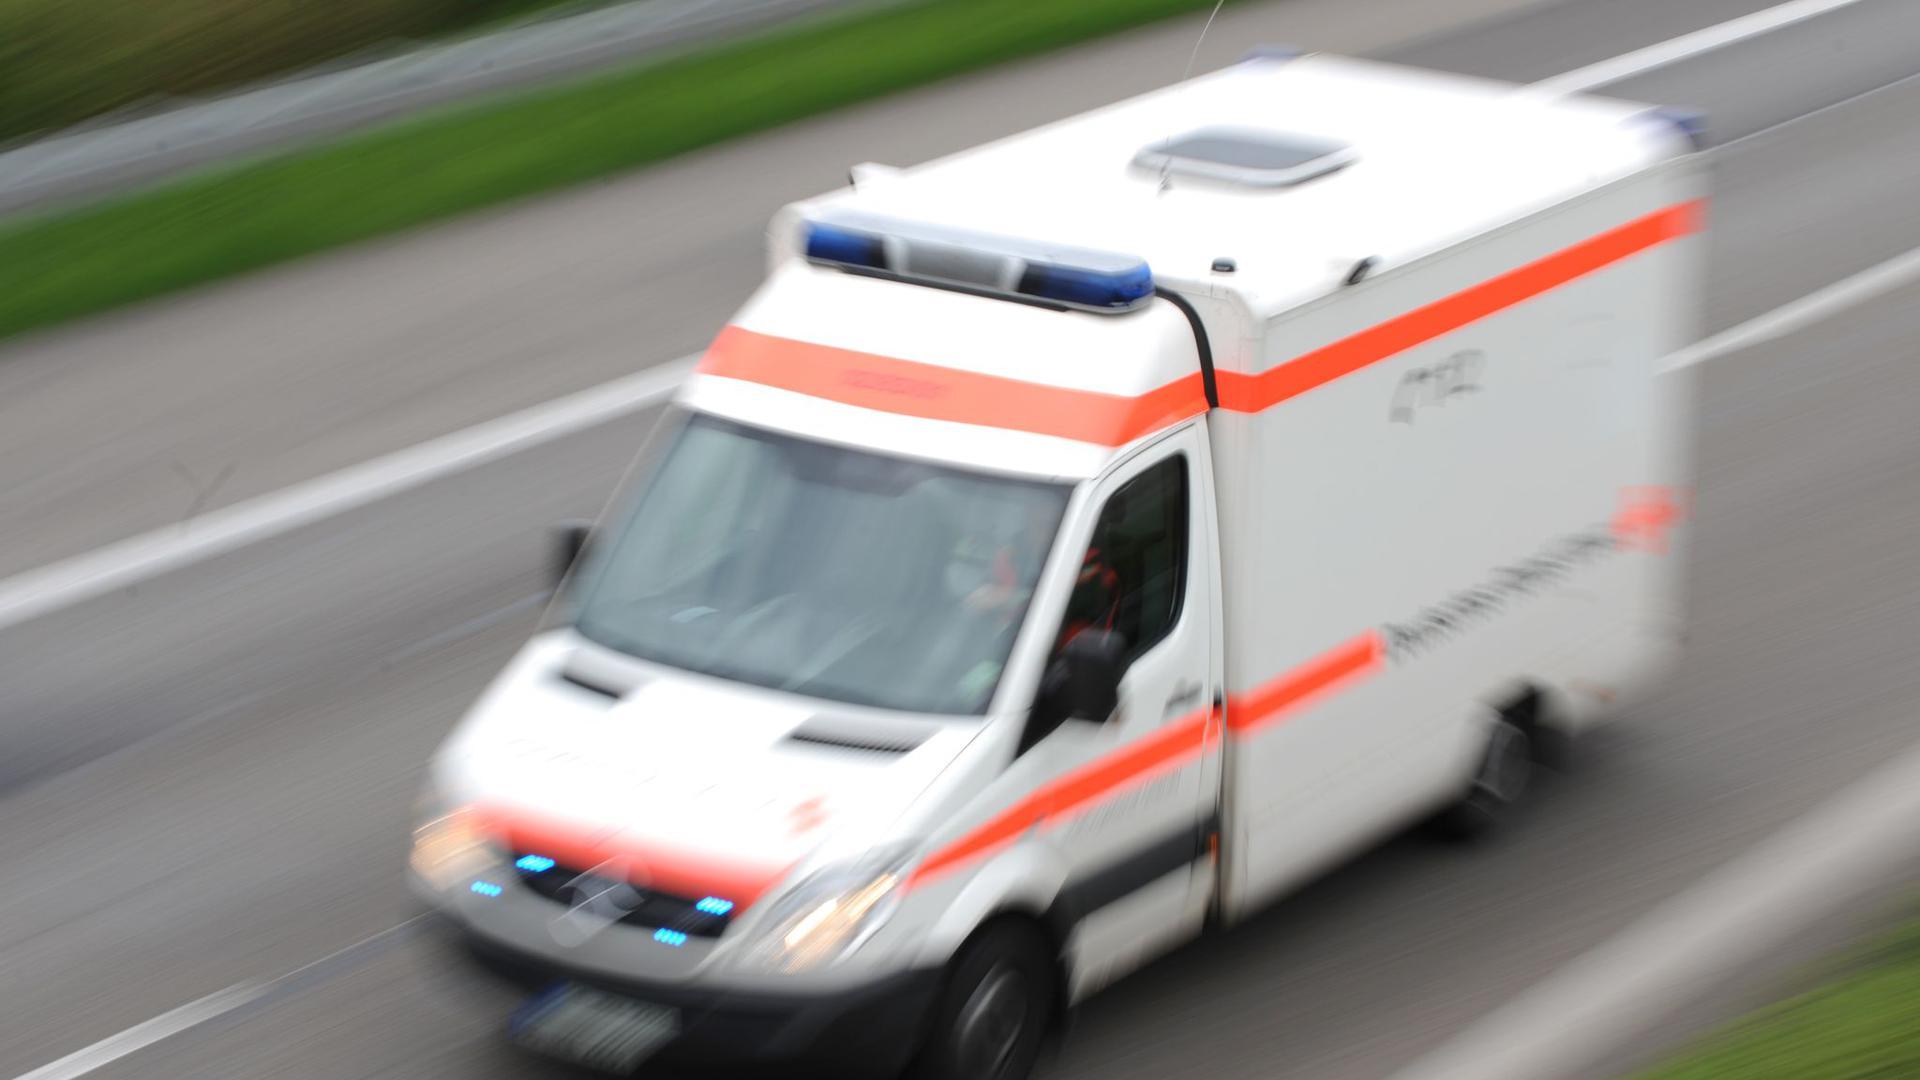 Ein Rettungswagen fährt während eines Einsatzes über eineAutobahn.